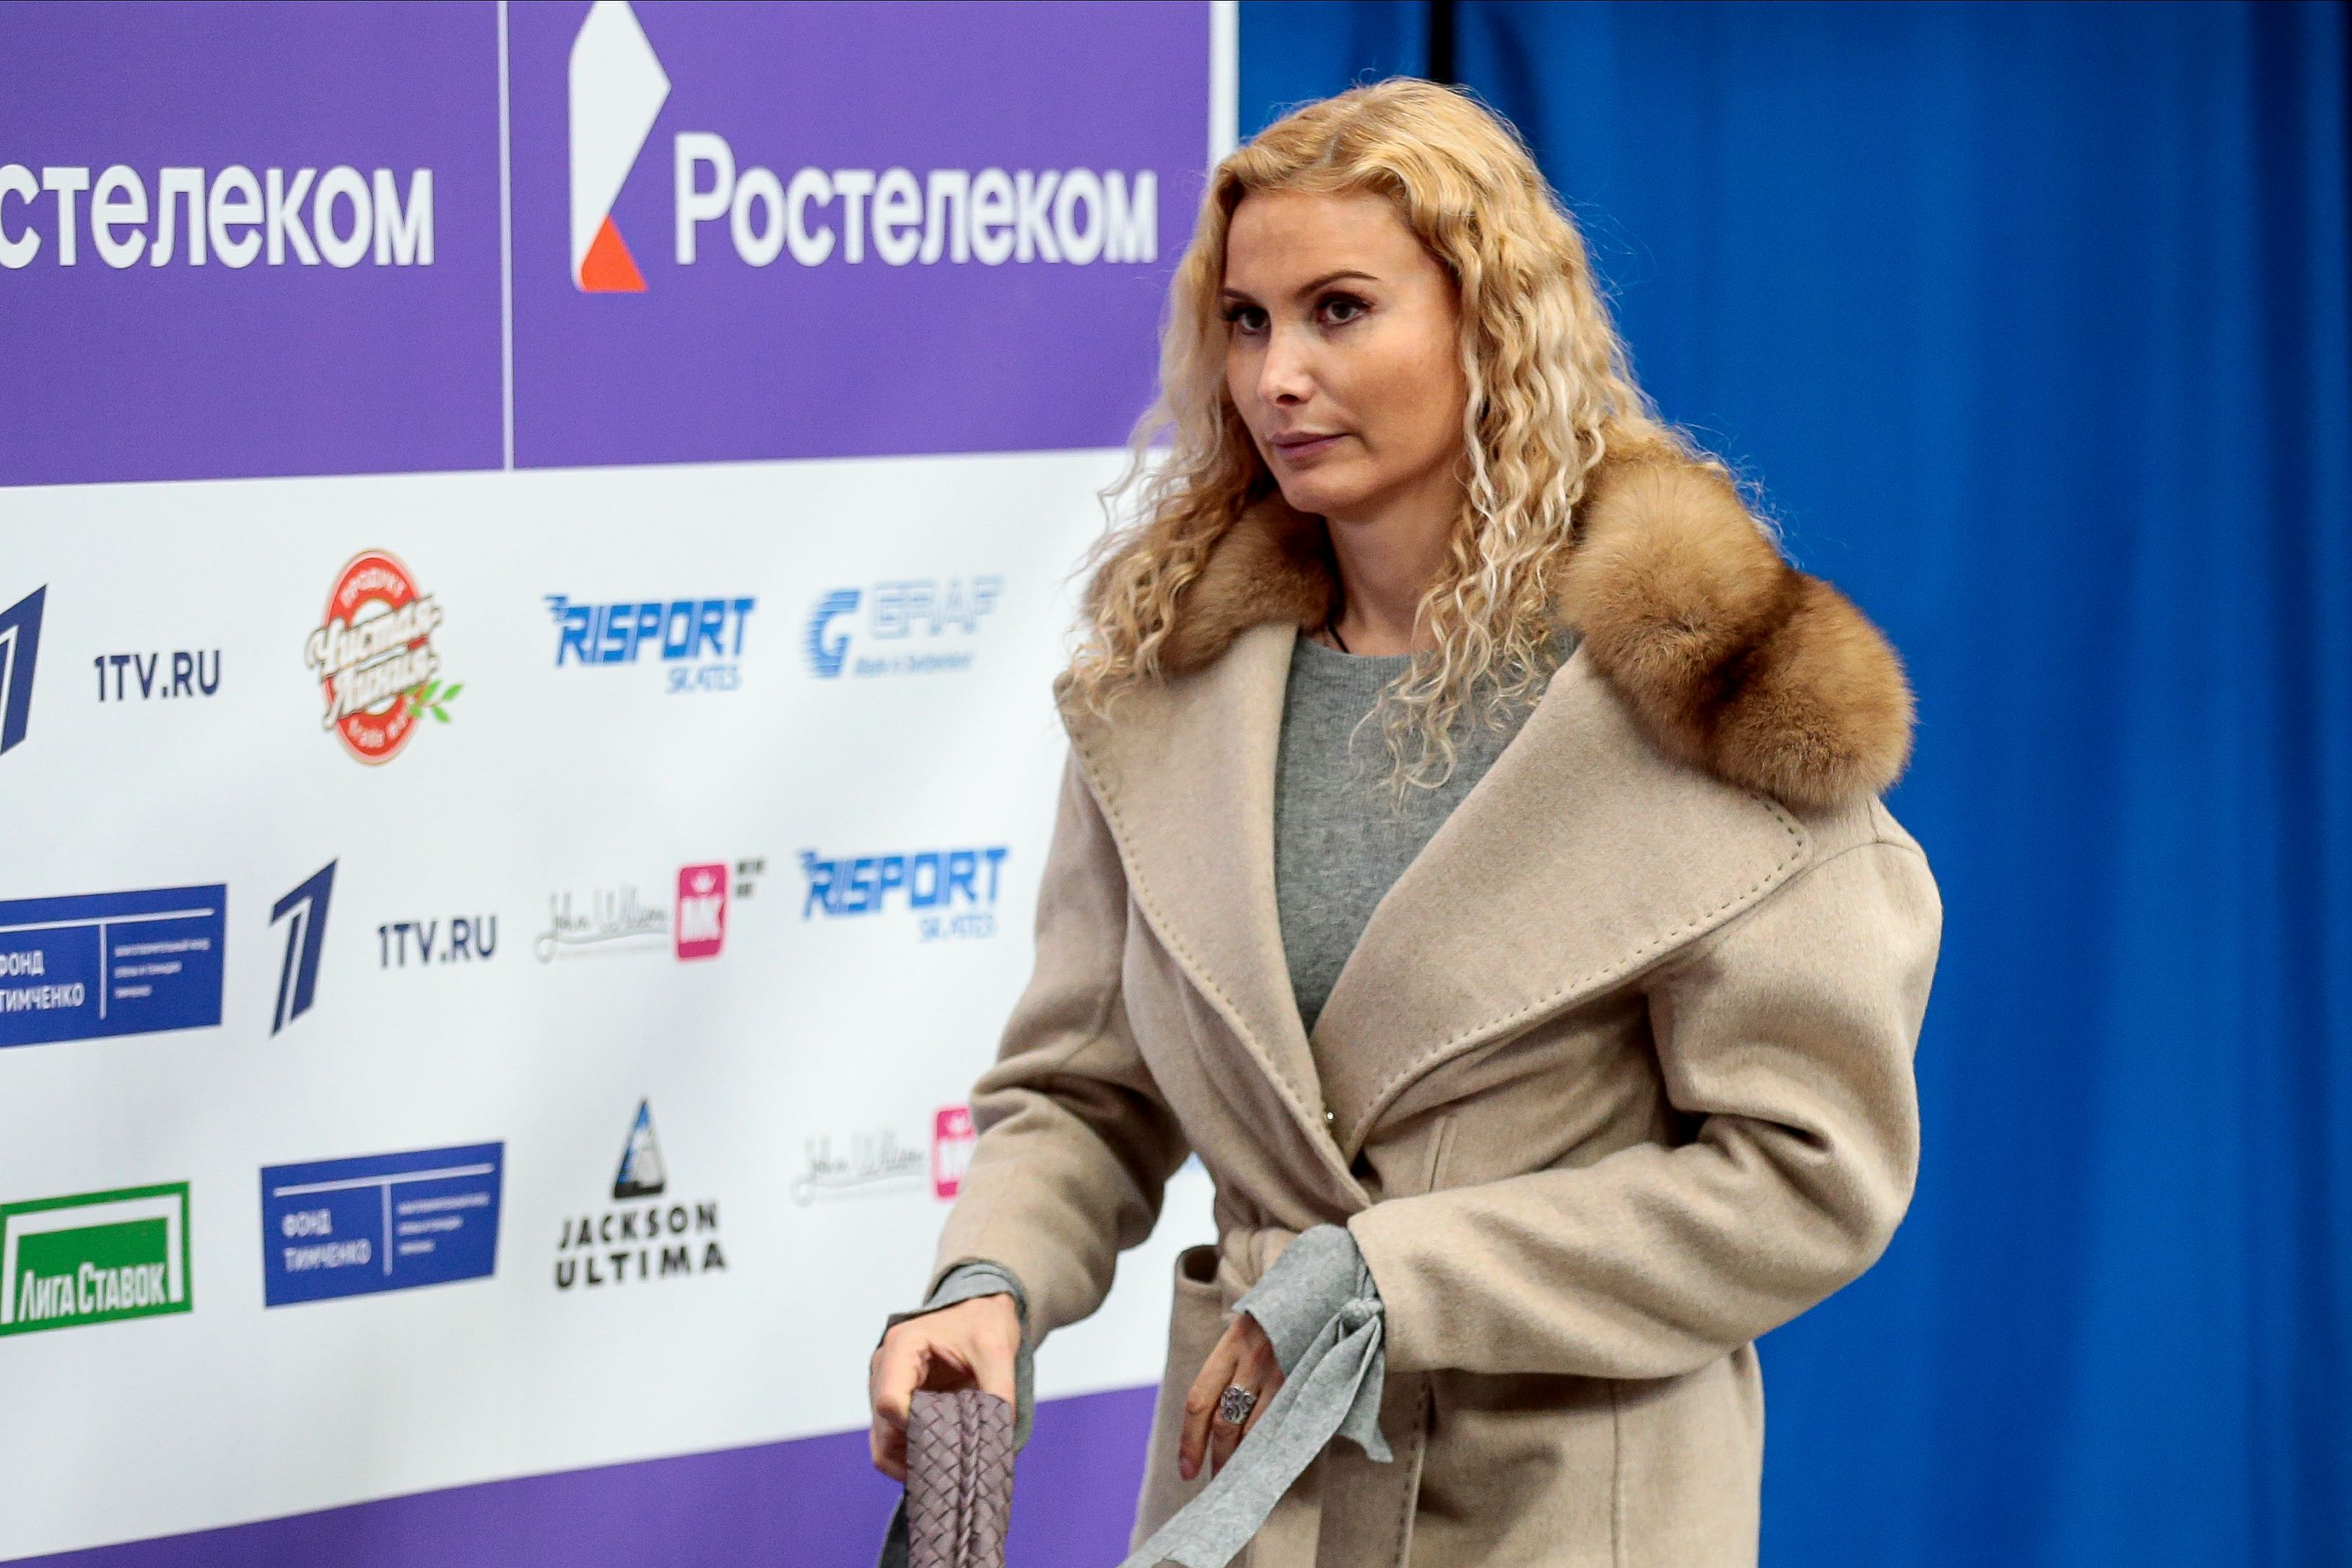 Тутберидзе прокомментировала победу Щербаковой на чемпионате мира